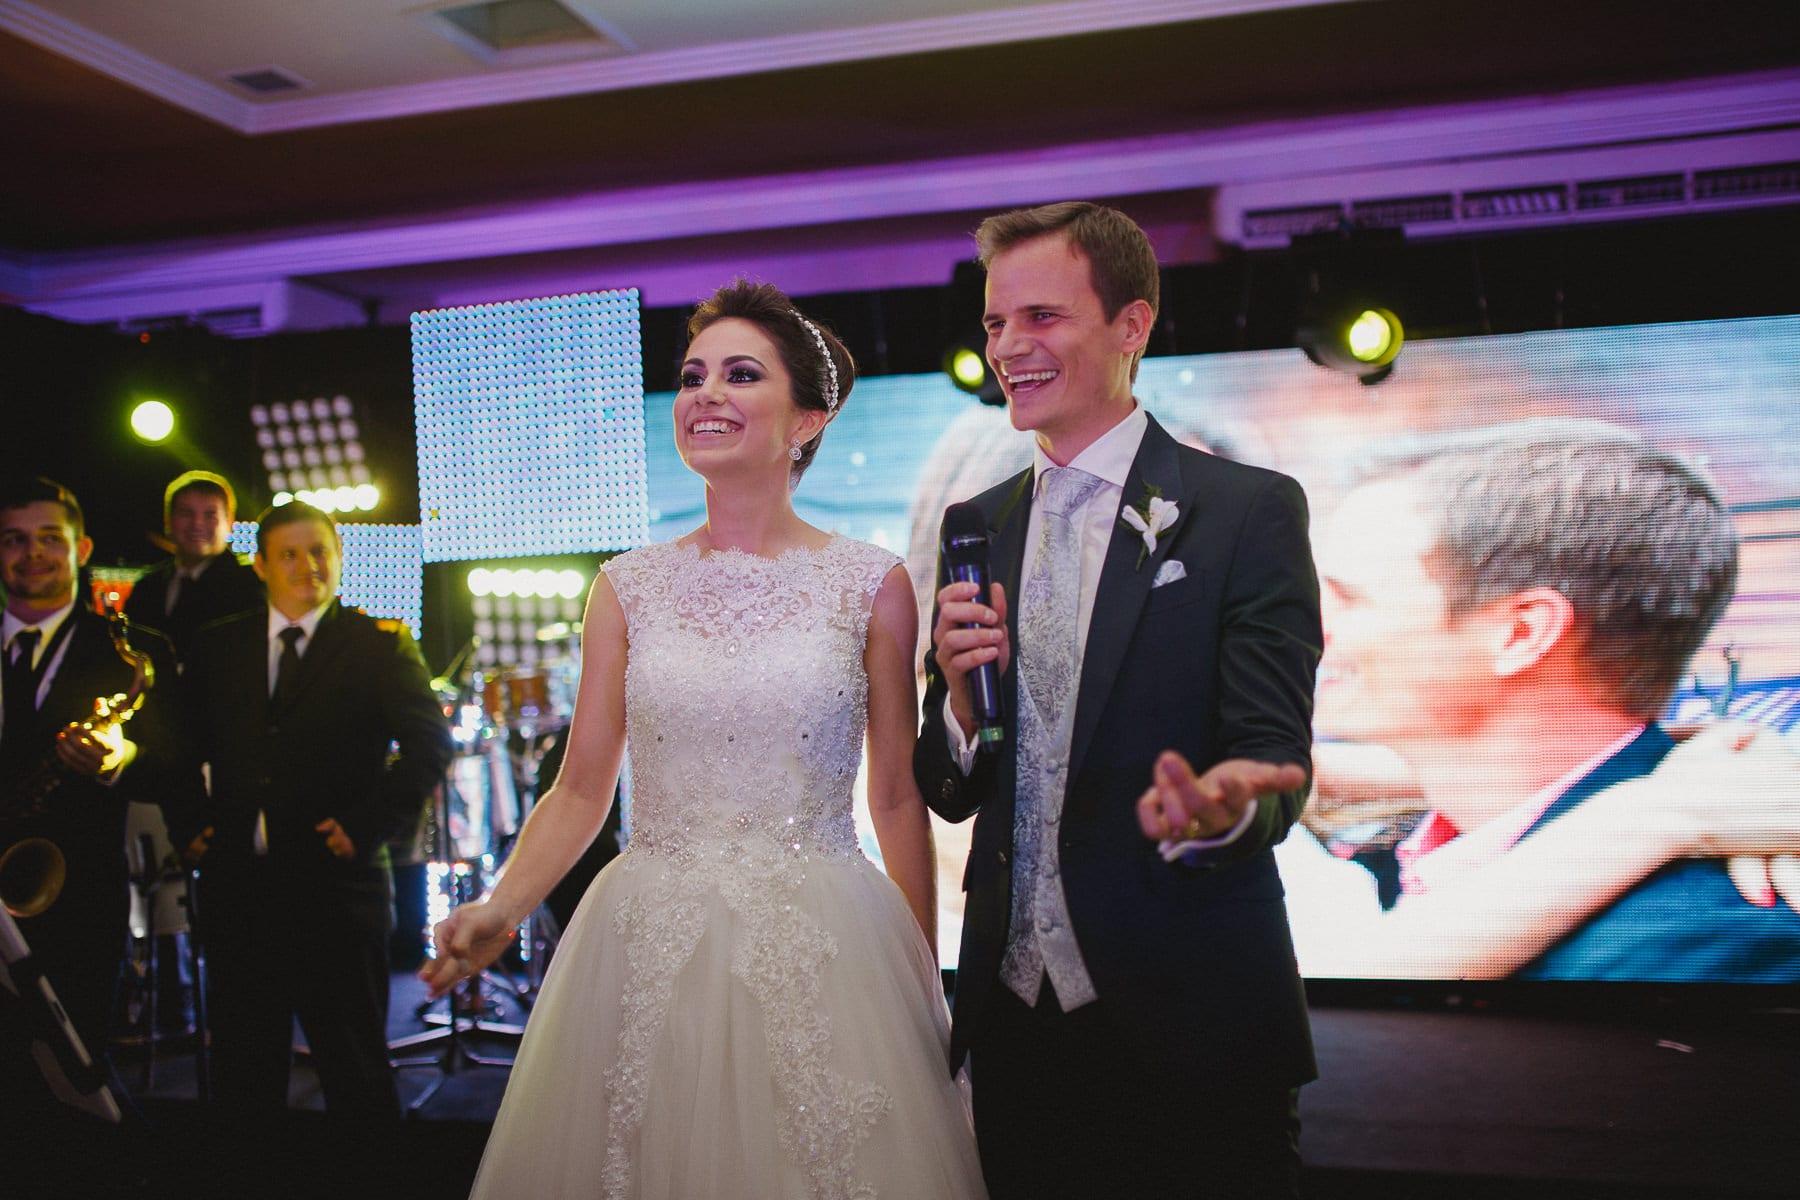 casamento-igreja-do-pequeno-grande-53